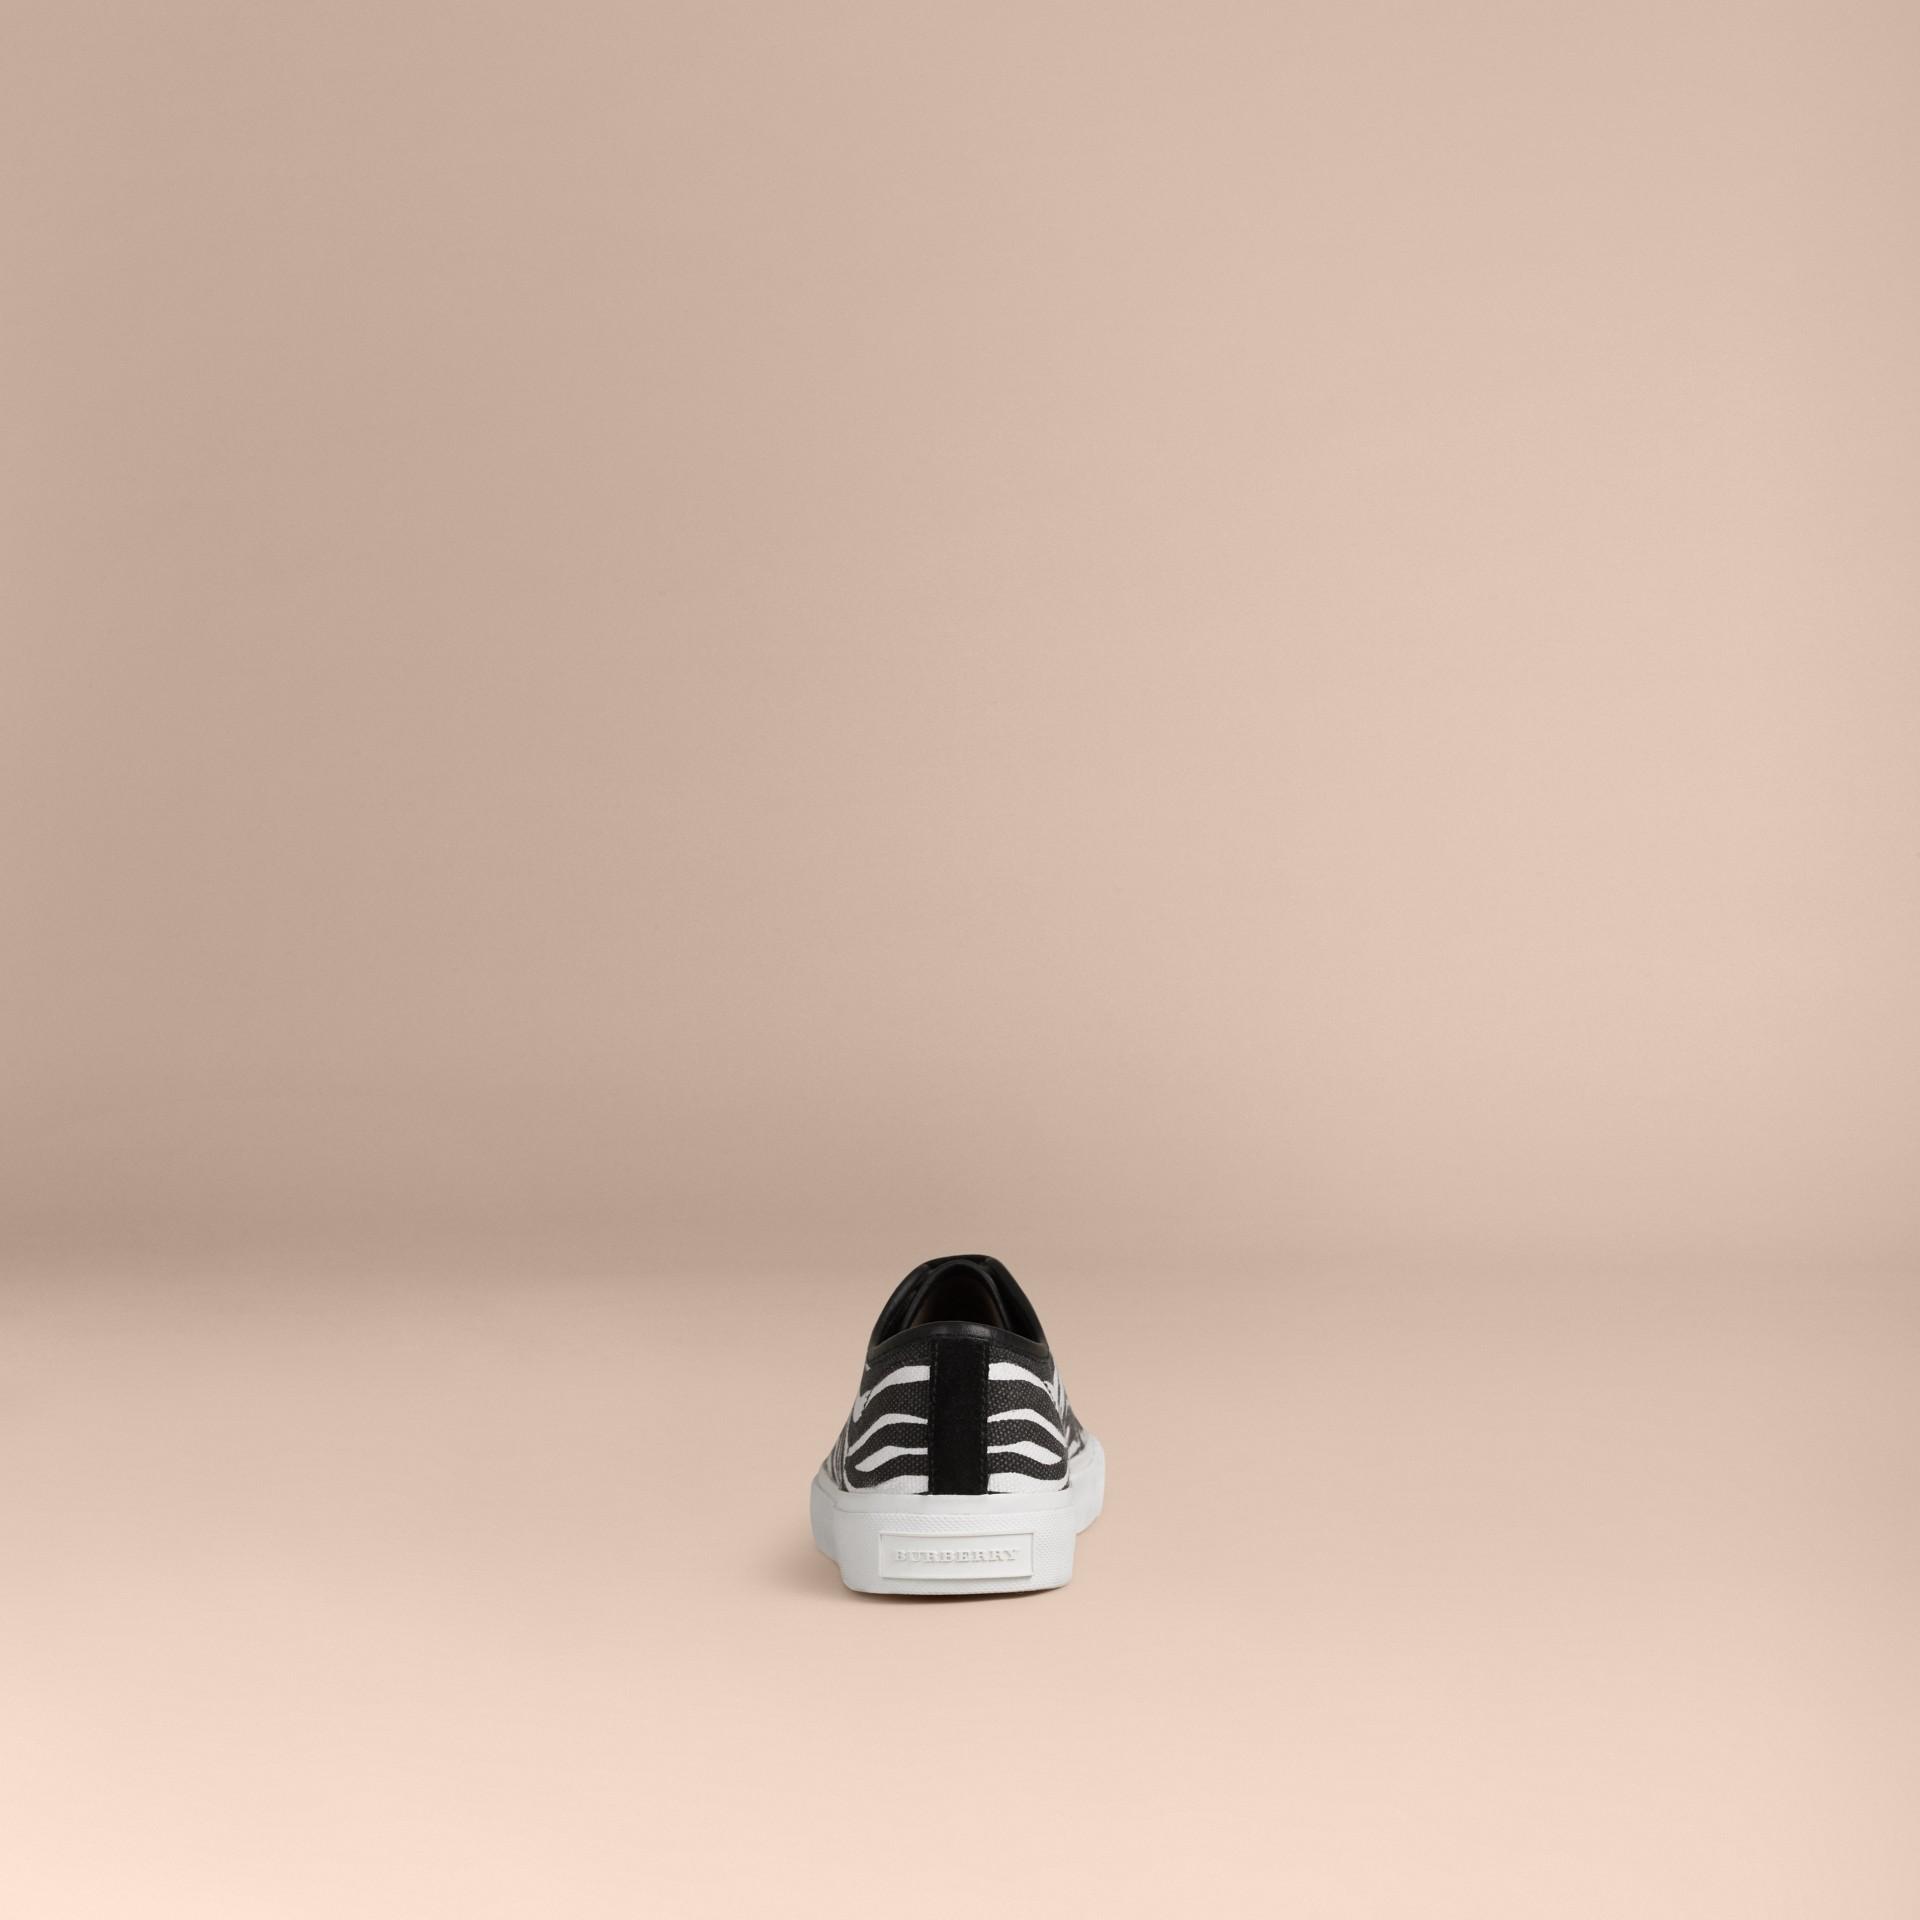 Nero/bianco Sneaker in tela con stampa zebrata - immagine della galleria 2